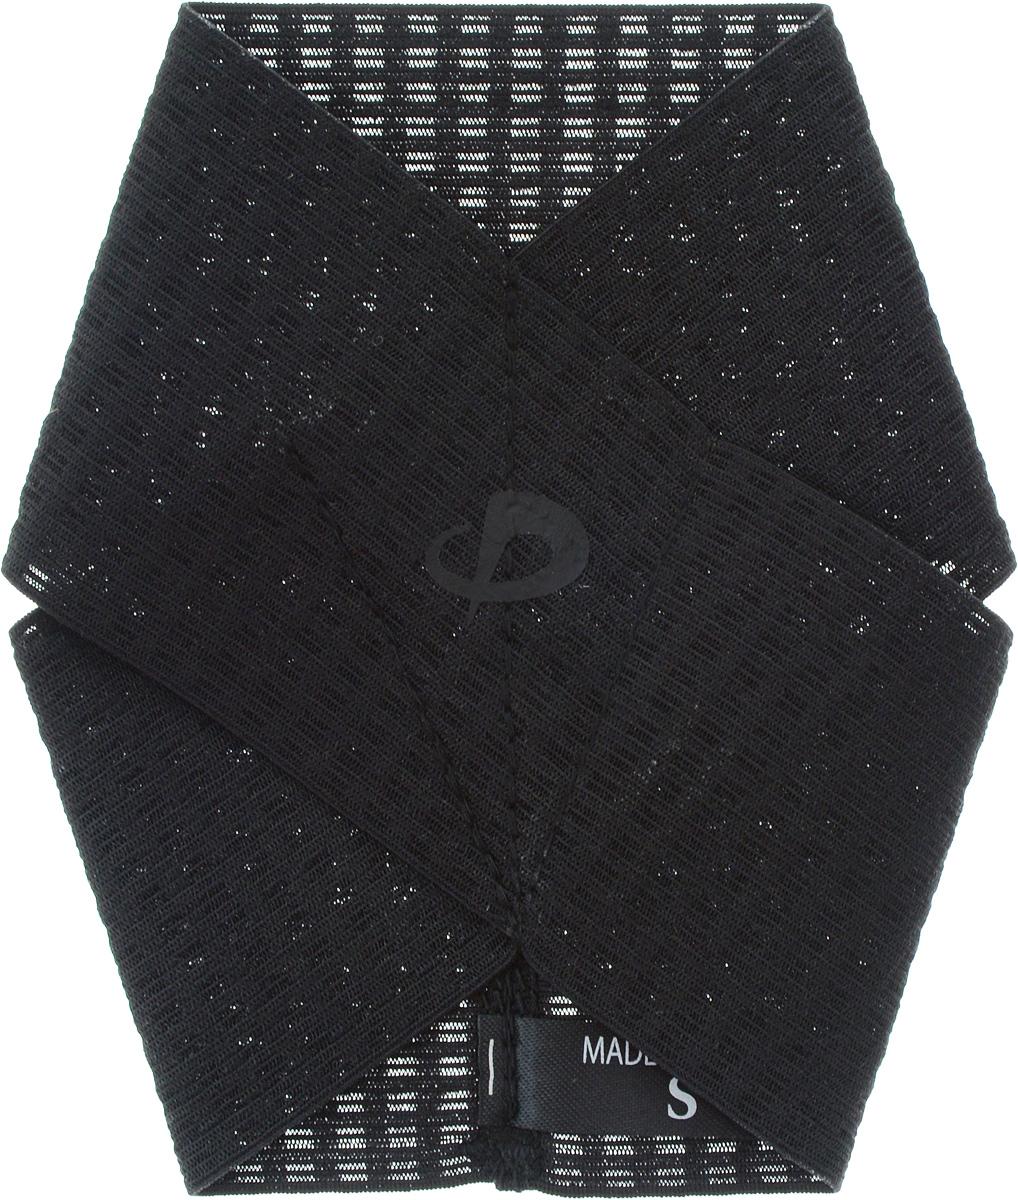 Суппорт голеностопа Phiten Ankle. Hard Type. Размер S (16-24 см)AP161003Суппорт голеностопа Phiten Ankle. Hard Type обеспечивает жесткую фиксацию и при этом не стесняет движения. Идеально подходит для ношения в течение всего дня при легких травмах и в период восстановления. Ультратонкий и весом всего 5 г, этот суппорт подойдет для ношения под любой обувью и будет совершенно незаметен. Он обладает прекрасной воздухонепроницаемостью и позволяет коже дышать.Суппорт назначается при нестабильности голеностопного сустава, растяжениях и разрывах связок, растяжении мышц, состоянии после вывихов и подвывихов. Обеспечивает компрессионный эффект, фиксацию голеностопного сустава и его стабилизацию, а также имеет противоотечный эффект. Снимает боль и напряжение, улучшает кровообращение, способствует скорейшему восстановлению за счет действия акватитана и аквапалладия.